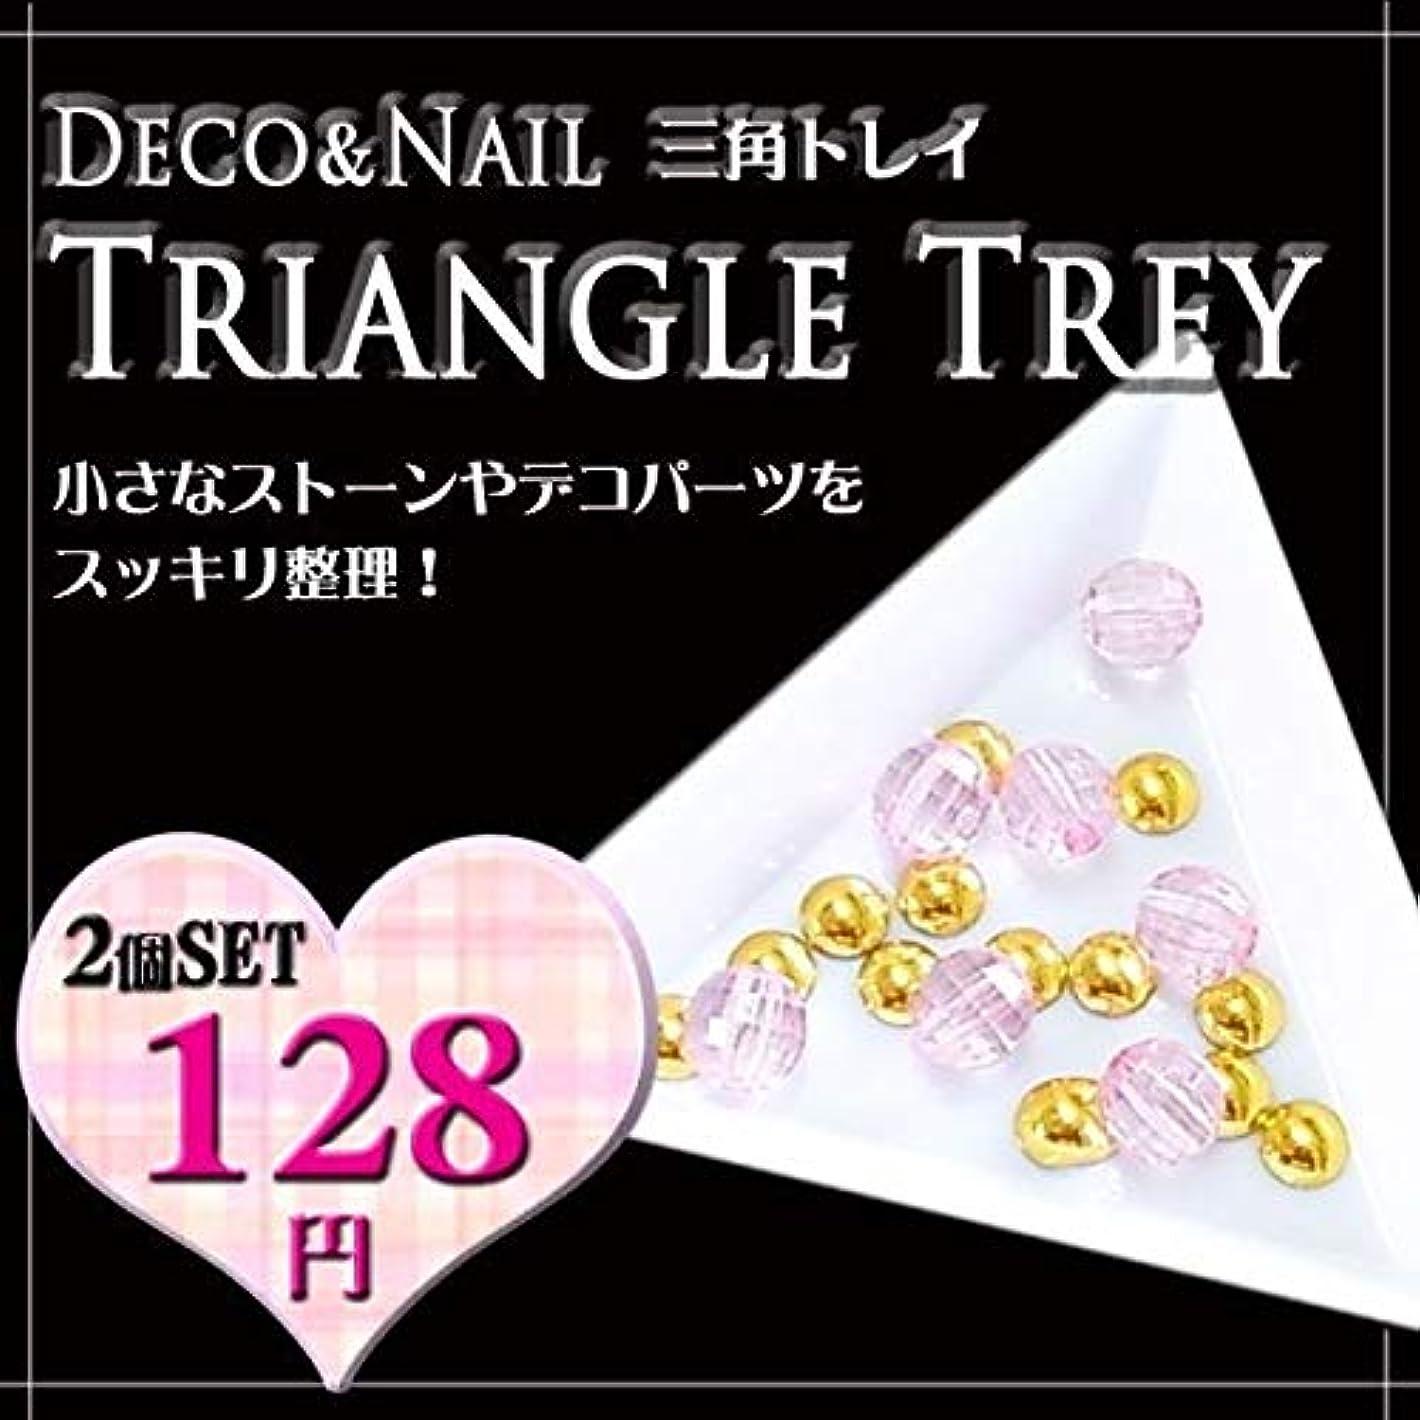 動く反発する待つ三角トレイ 2個セット